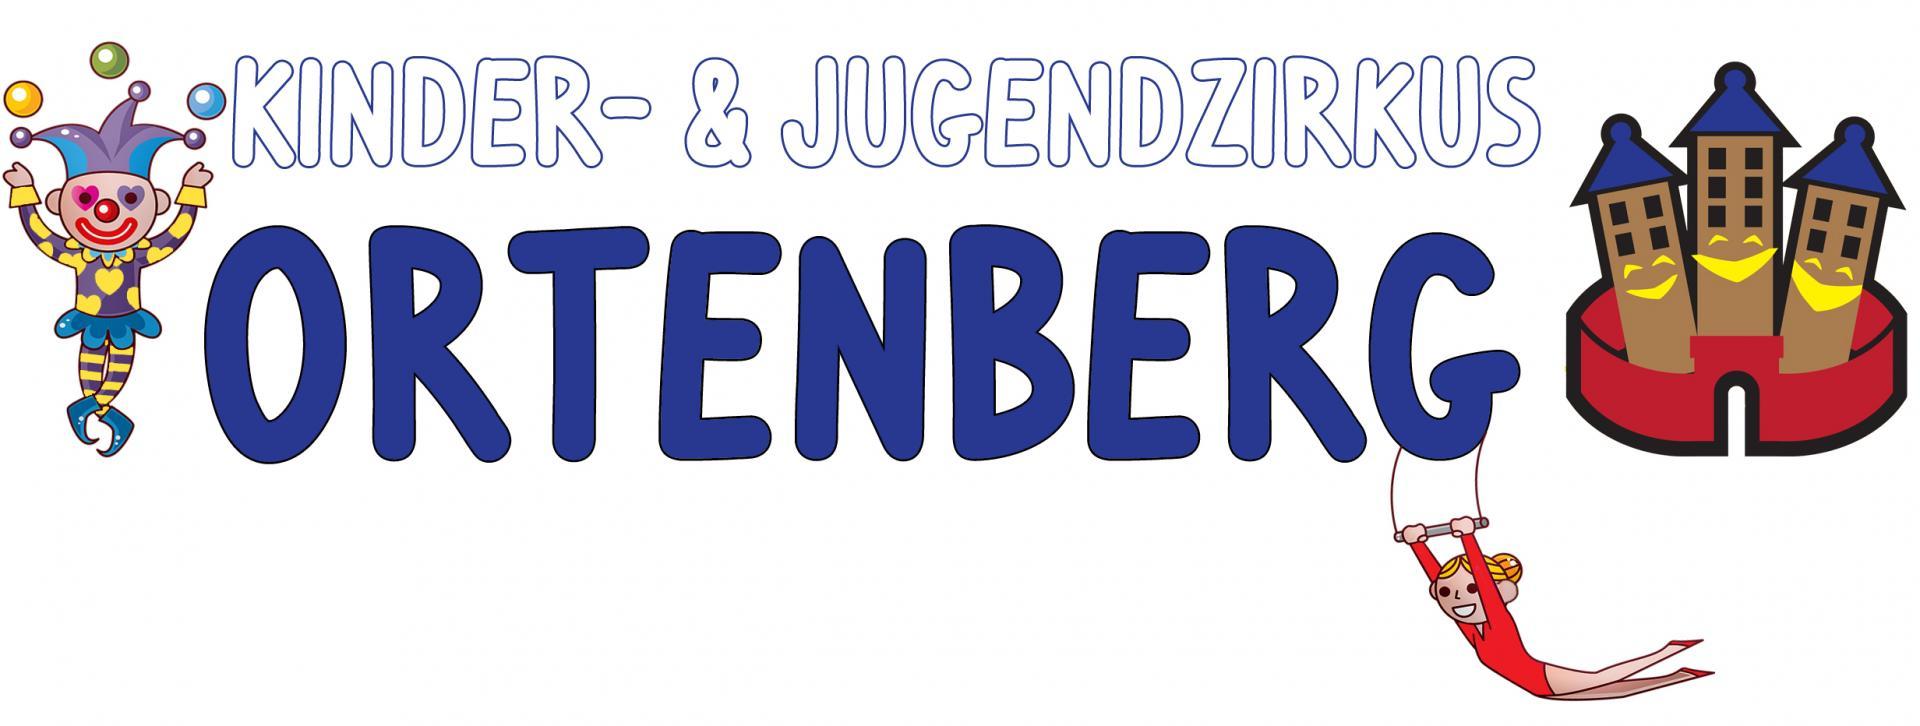 Kinder- und Jugendzirkus Ortenberg